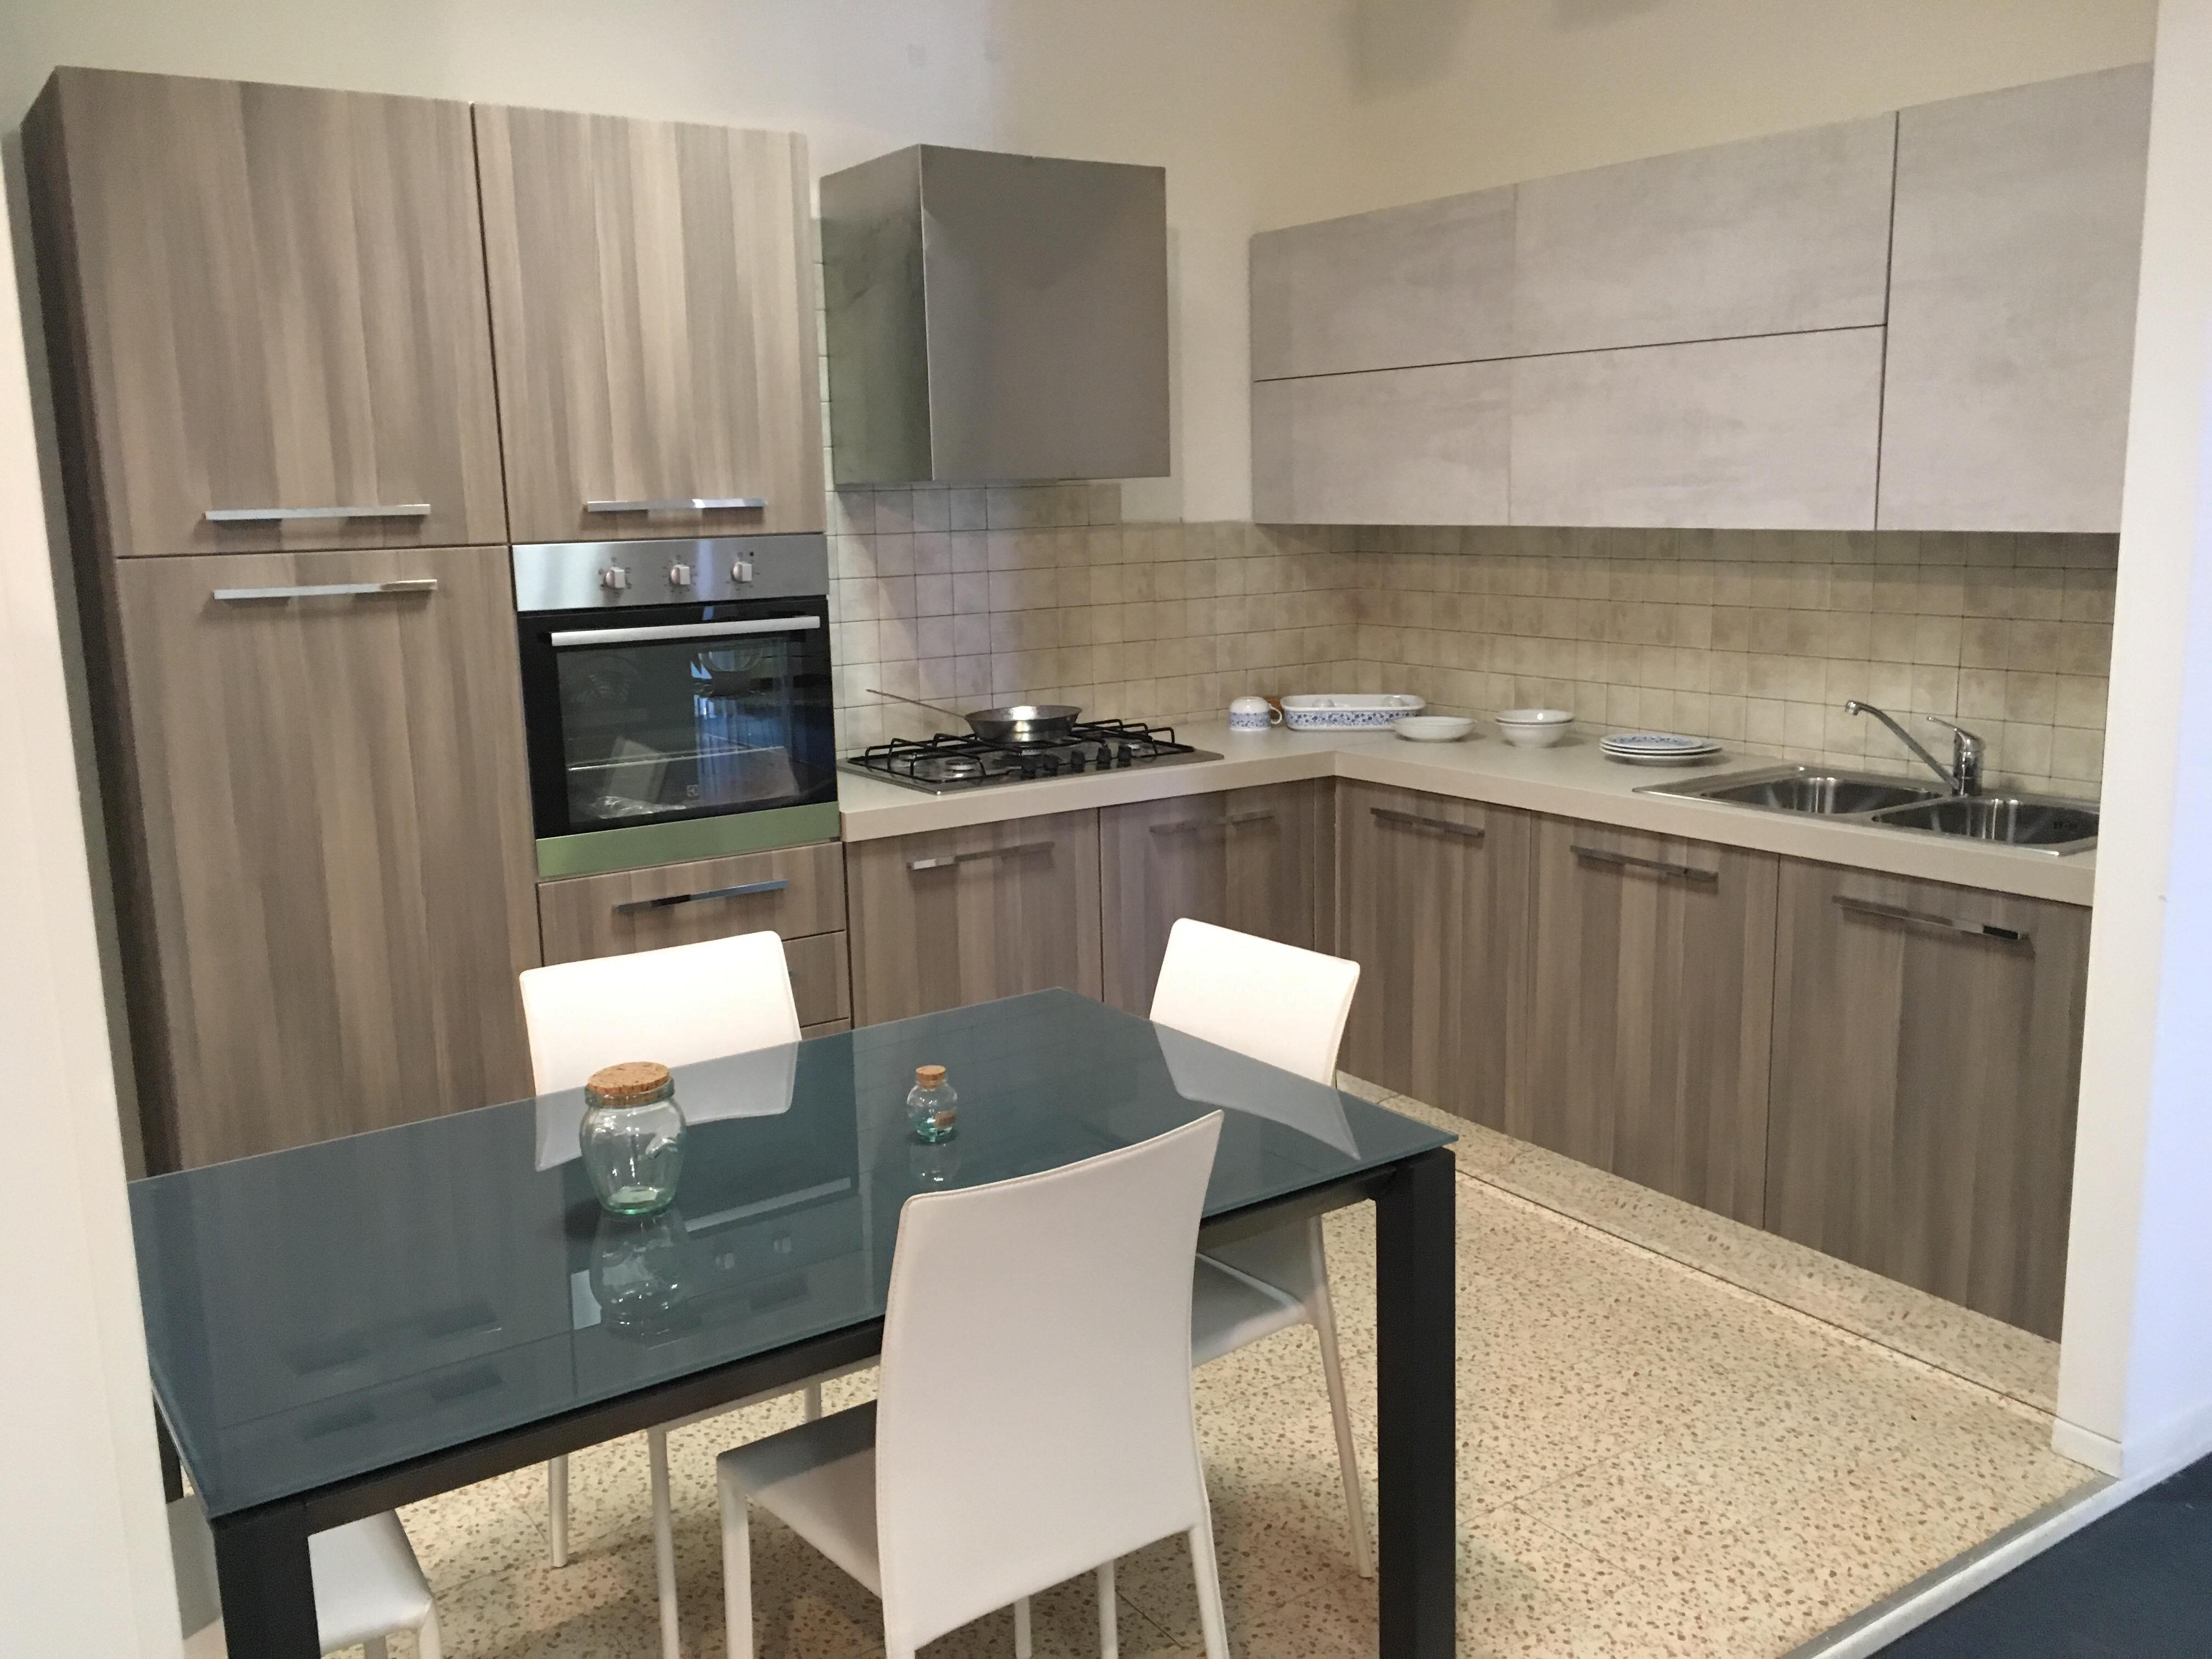 Offerta cucina ad angolo astra cucine misura 300x240cm - Composizione cucina ad angolo ...